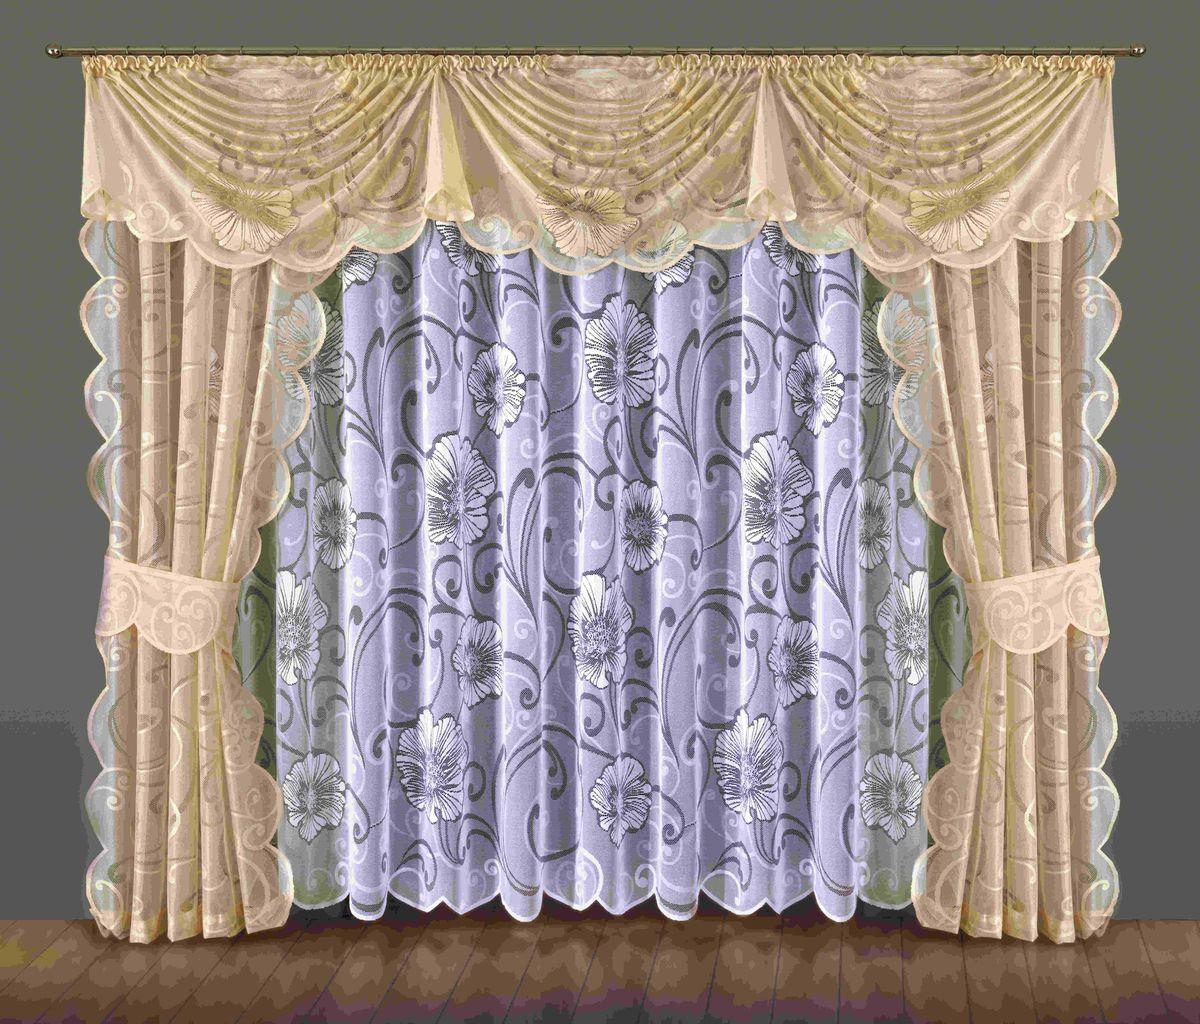 Комплект штор Wisan Bonita, на ленте, цвет: белый, бежевый, высота 250 смUN111457620Комплект штор Wisan Bonita выполненный из полиэстера, великолепно украсит любое окно. В комплект входят 2 шторы, тюль, ламбрекен и 2 подхвата. Цветочный орнамент придает комплекту особый стиль и шарм. Тонкое плетение, нежная цветовая гамма и роскошное исполнение - все это делает шторы Wisan Bonita замечательным дополнением интерьера помещения.Комплект оснащен шторной лентой для красивой сборки. В комплект входит: Штора - 2 шт. Размер (ШхВ): 145 см х 250 см.Тюль - 1 шт. Размер (ШхВ): 400 см х 250 см. Ламбрекен - 1 шт. Размер (ШхВ): 360 см х 60 см. Подхват - 2 шт.Фирма Wisan на польском рынке существует уже более пятидесяти лет и является одной из лучших польских фабрик по производству штор и тканей. Ассортимент фирмы представлен готовыми комплектами штор для гостиной, детской, кухни, а также текстилем для кухни (скатерти, салфетки, дорожки, кухонные занавески). Модельный ряд отличает оригинальный дизайн, высокое качество. Ассортимент продукции постоянно пополняется.